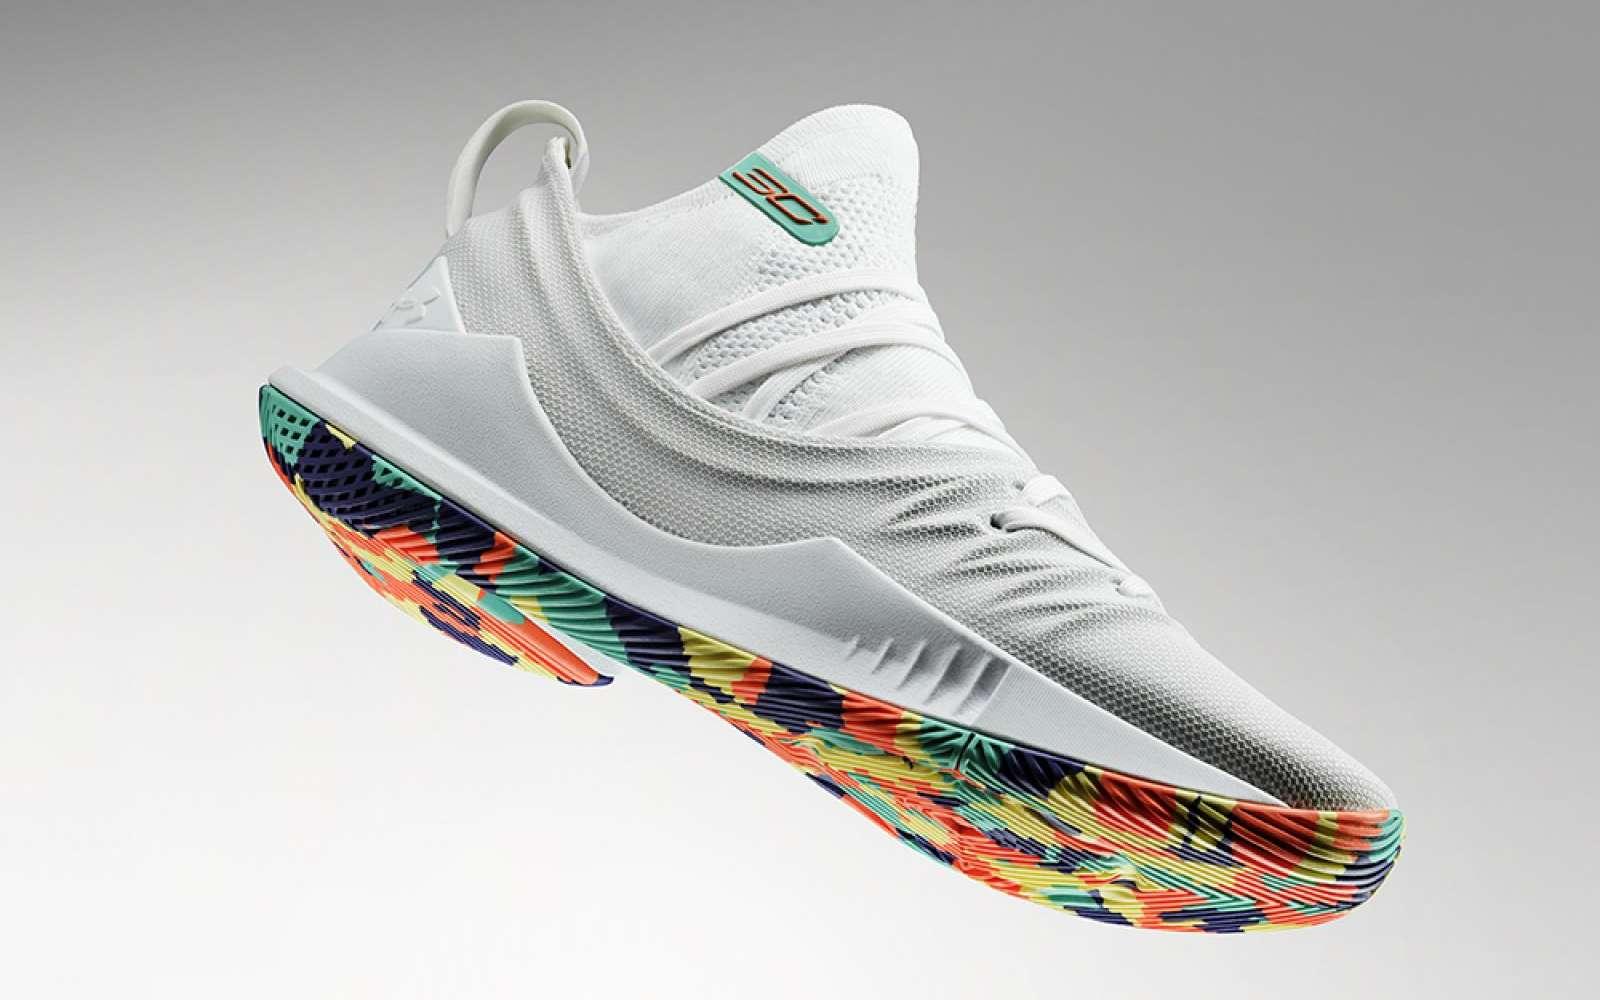 Concurrente de Nike et Adidas, la marque Under Armour travaille sur une chaussure intelligente pour améliorer la récupération après une séance intense. © Under Armour